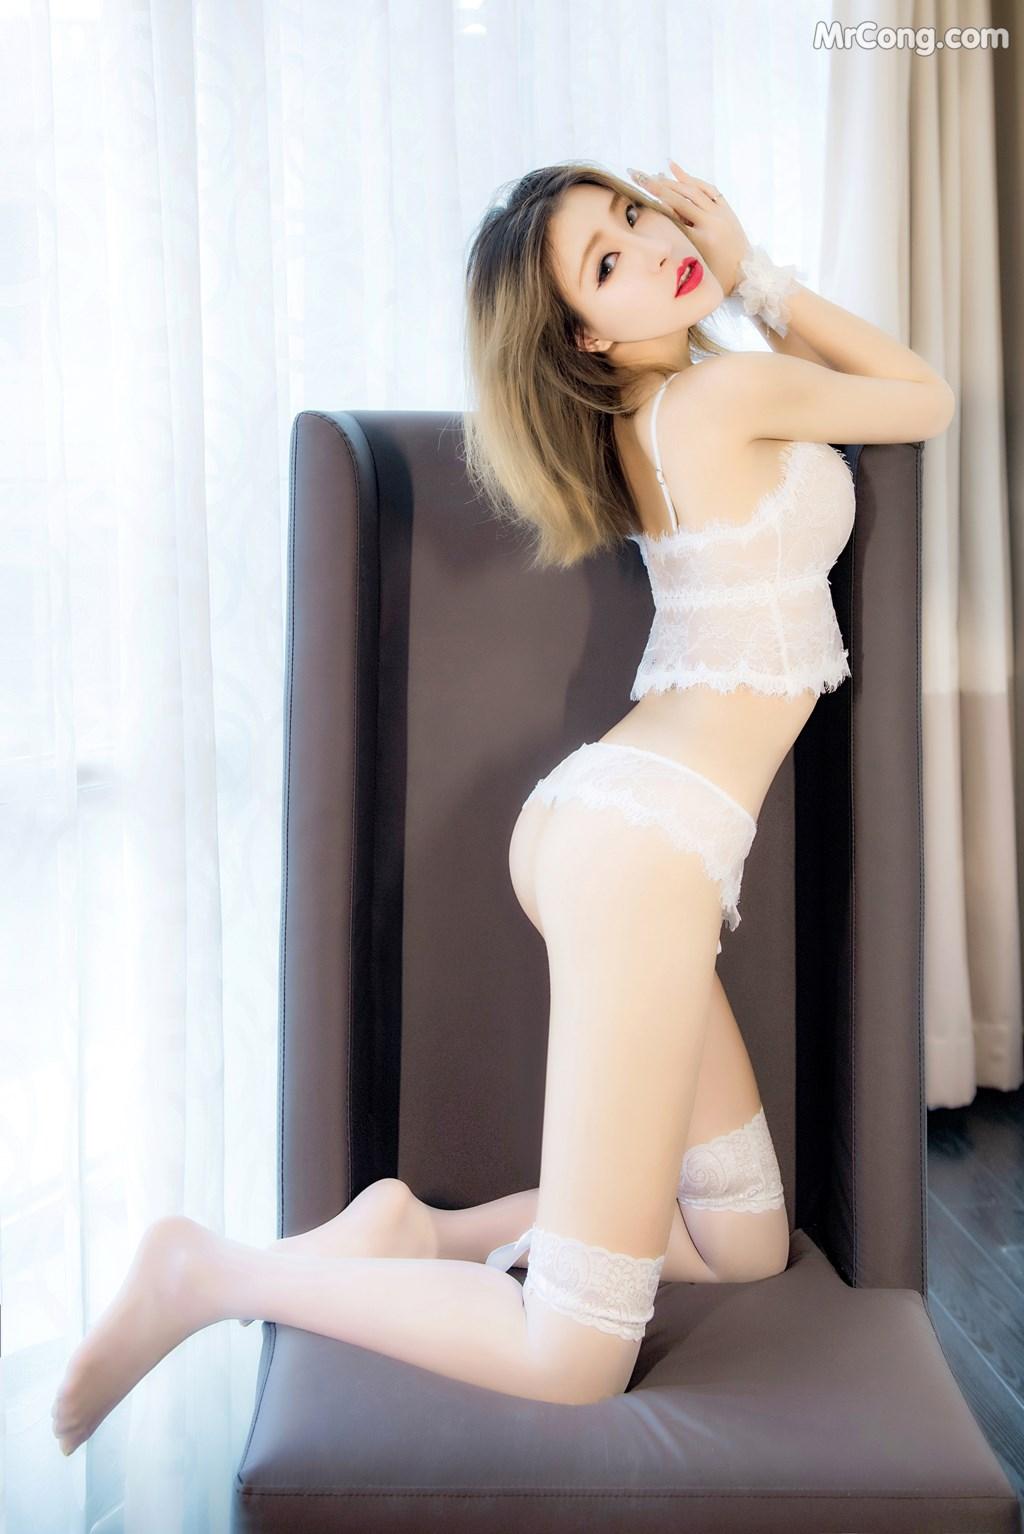 Image SLADY-2017-05-25-No.003-Zhao-Huan-Yan-MrCong.com-002 in post SLADY 2017-05-25 No.003: Người mẫu Zhao Huan Yan (赵欢颜) (46 ảnh)